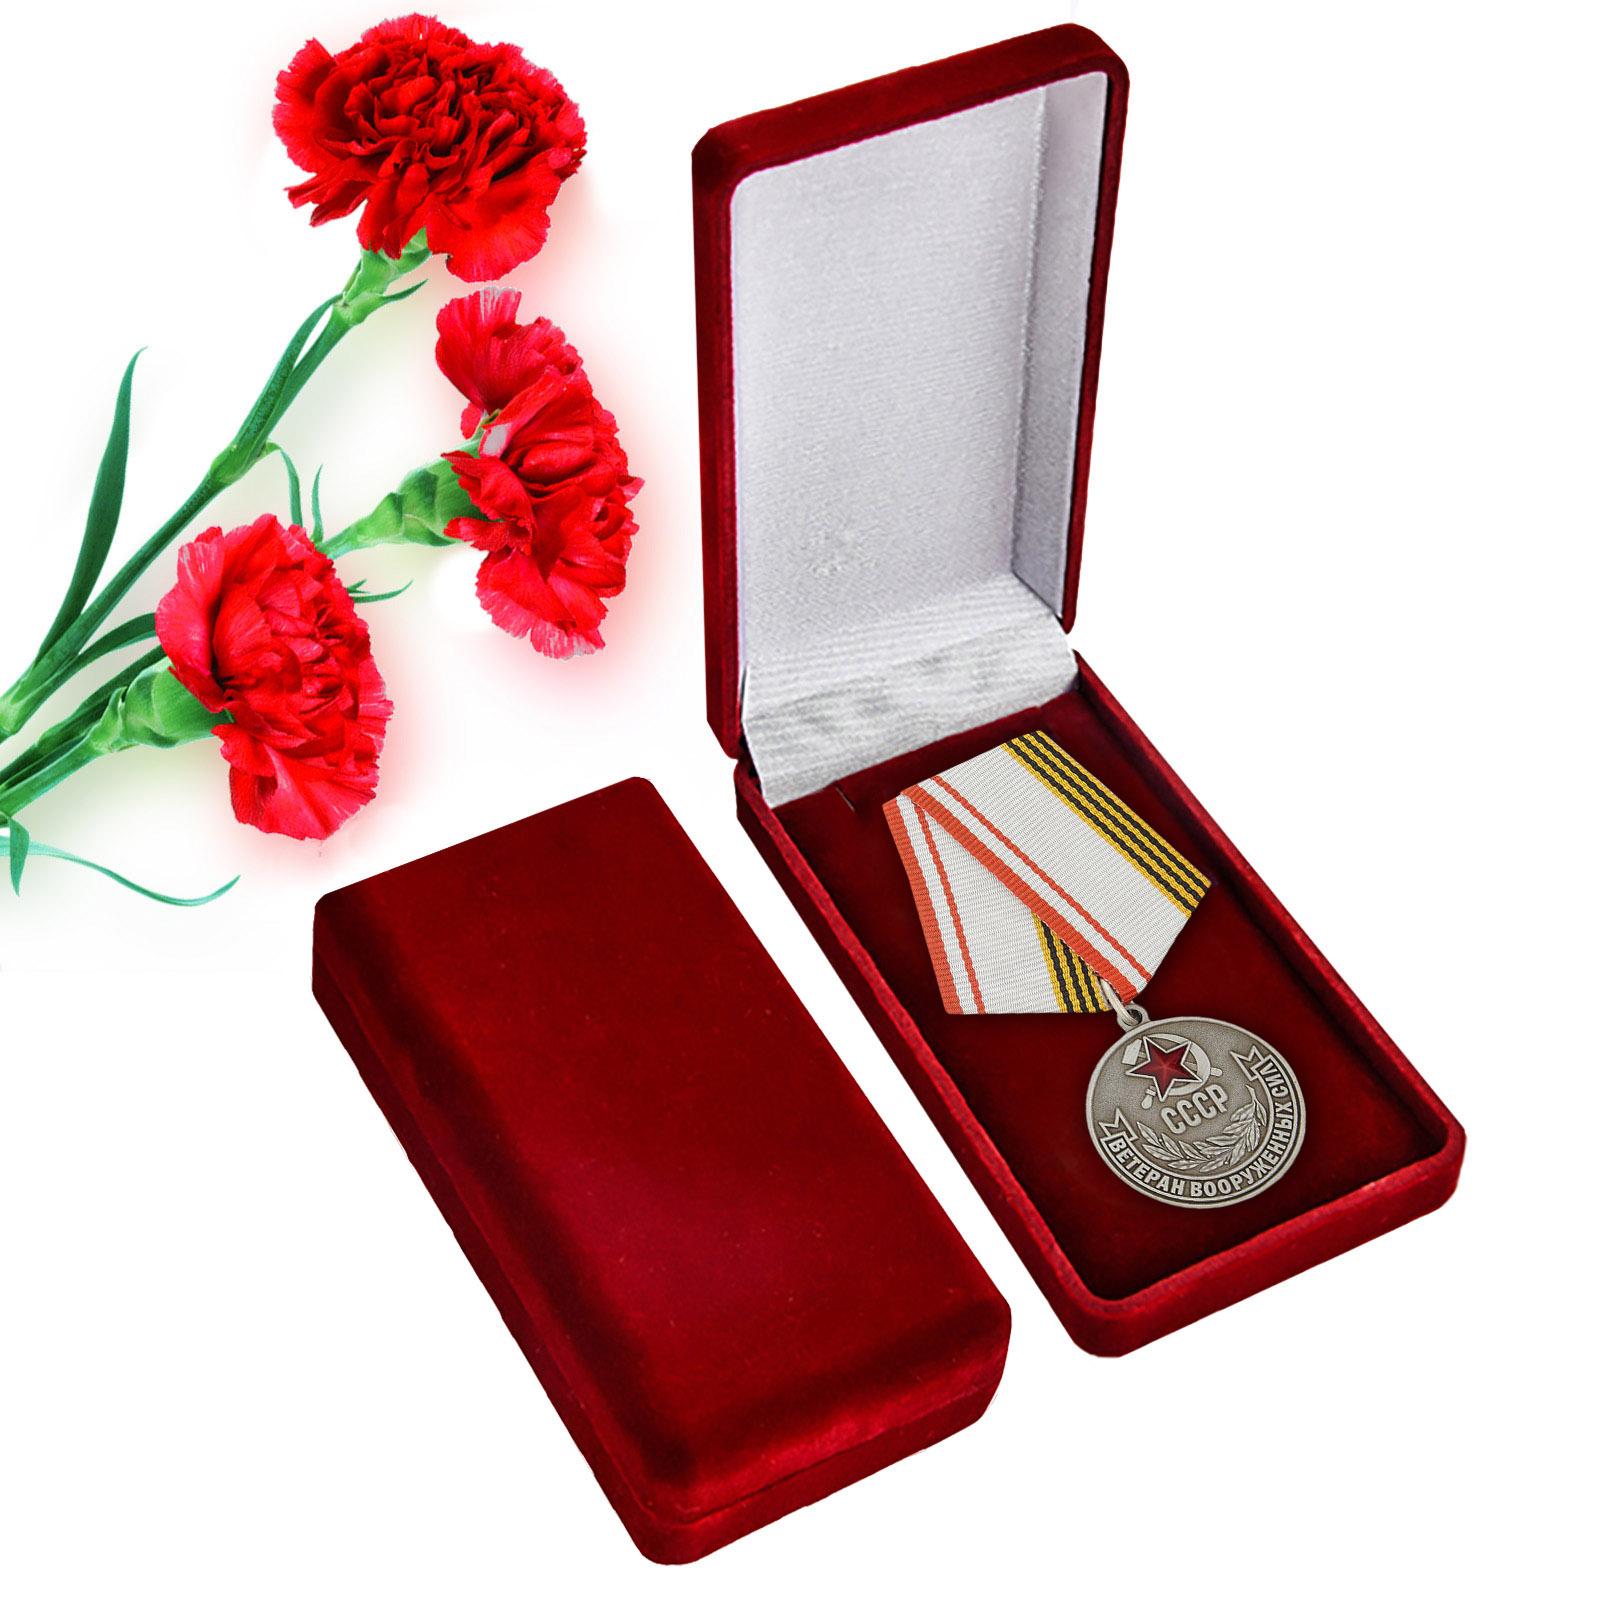 Купить памятную медаль ветерану онлайн выгодно